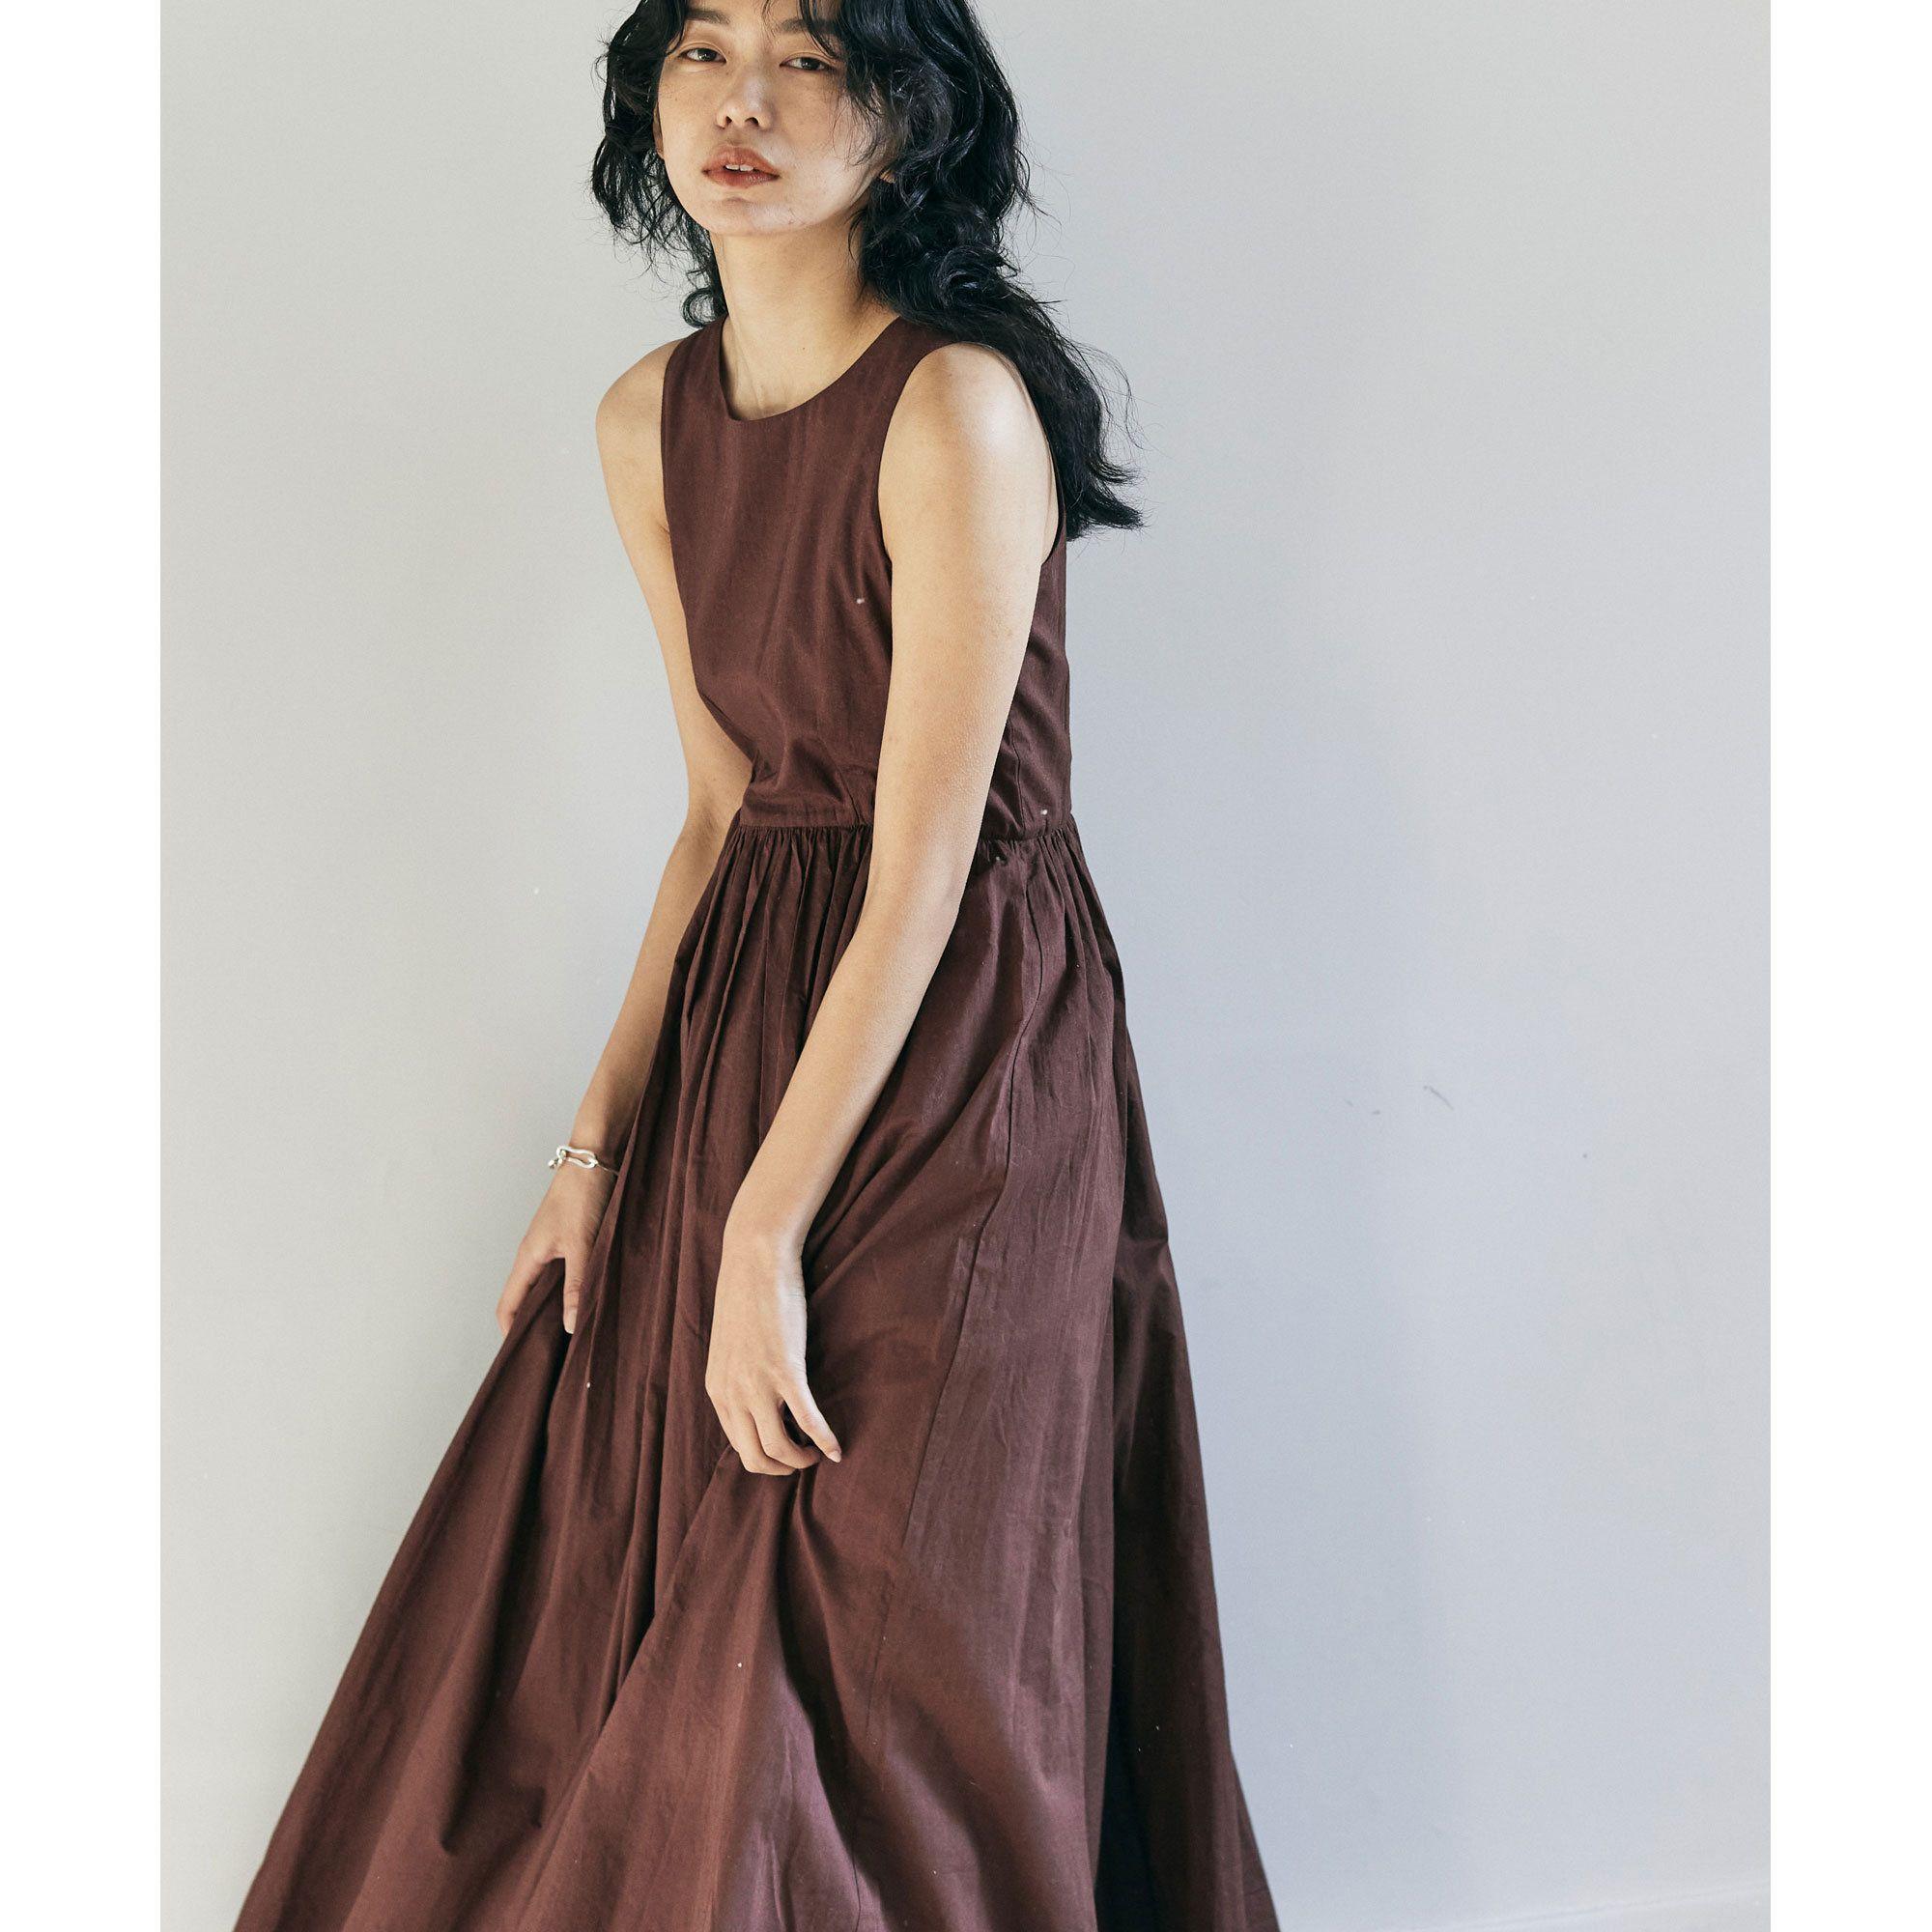 GALLARDAGALANTE(ガリャルダガランテ)/【MARIHA】コットンロングワンピース/夏のレディのドレス<別注カラーあり>